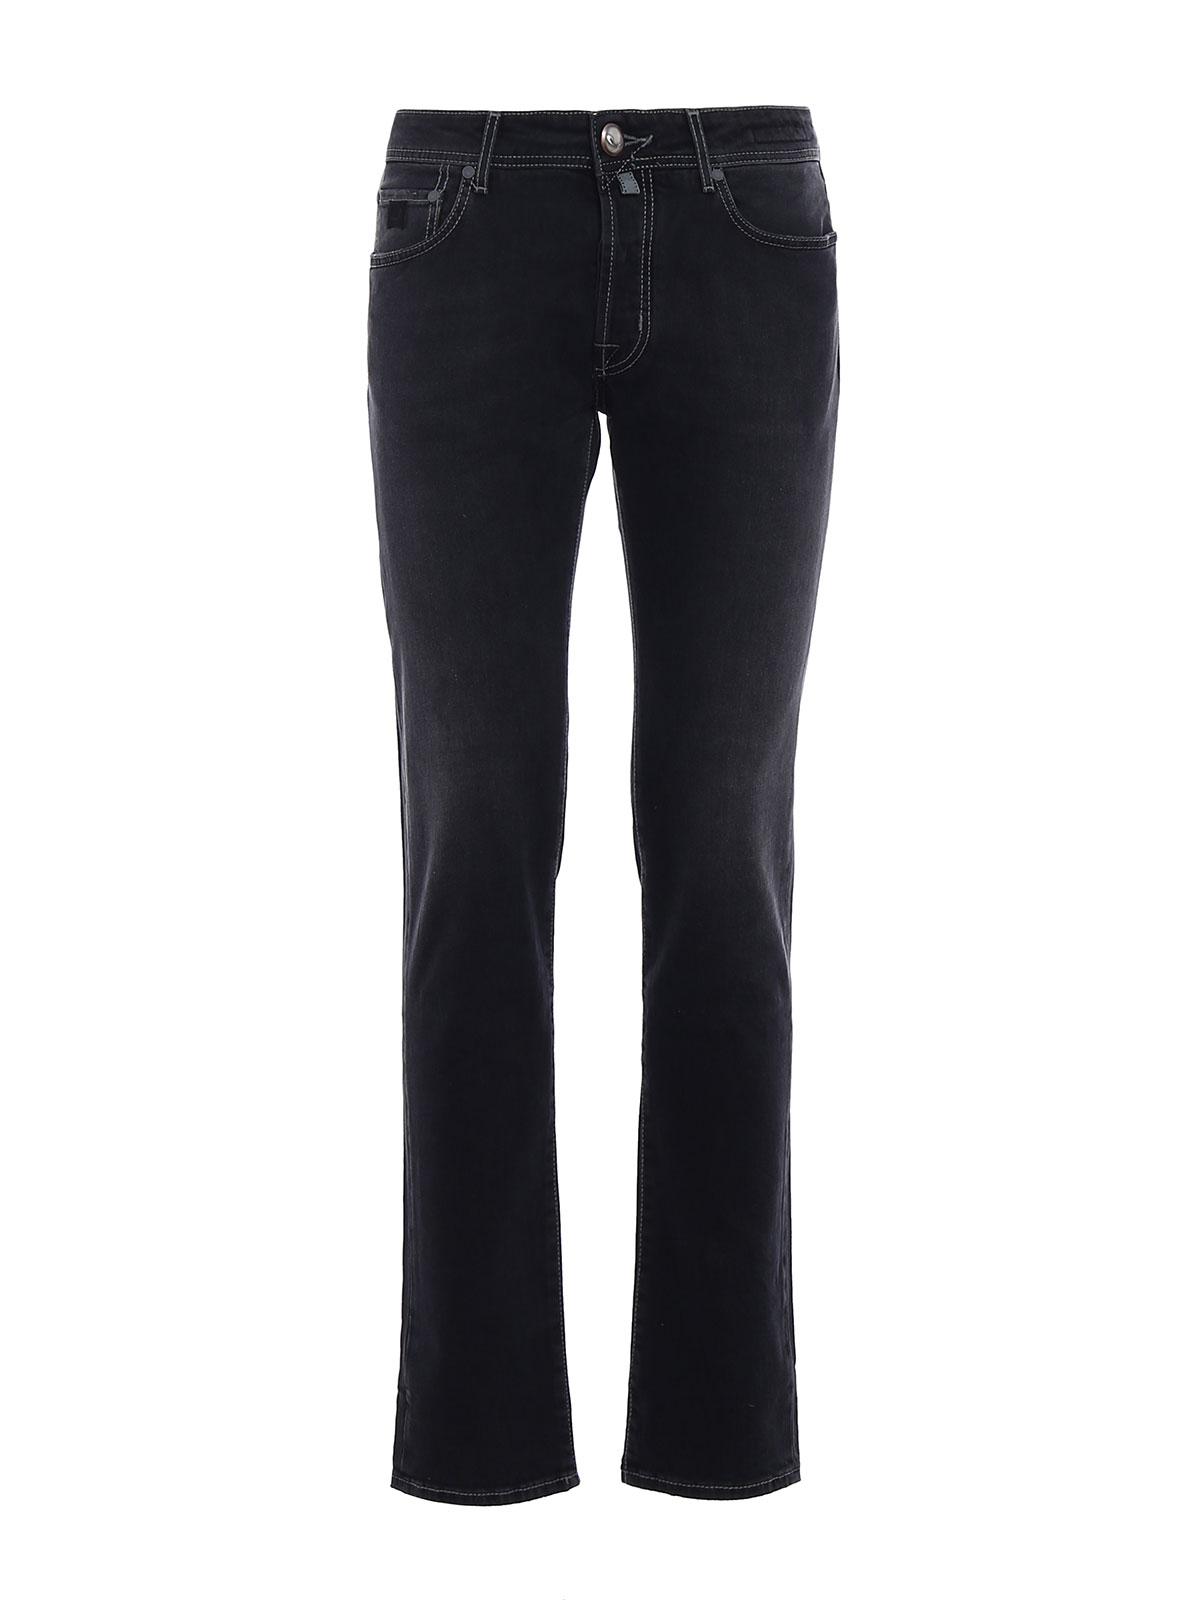 Faded black denim jeans by jacob cohen straight leg - Jacob cohen denim ...